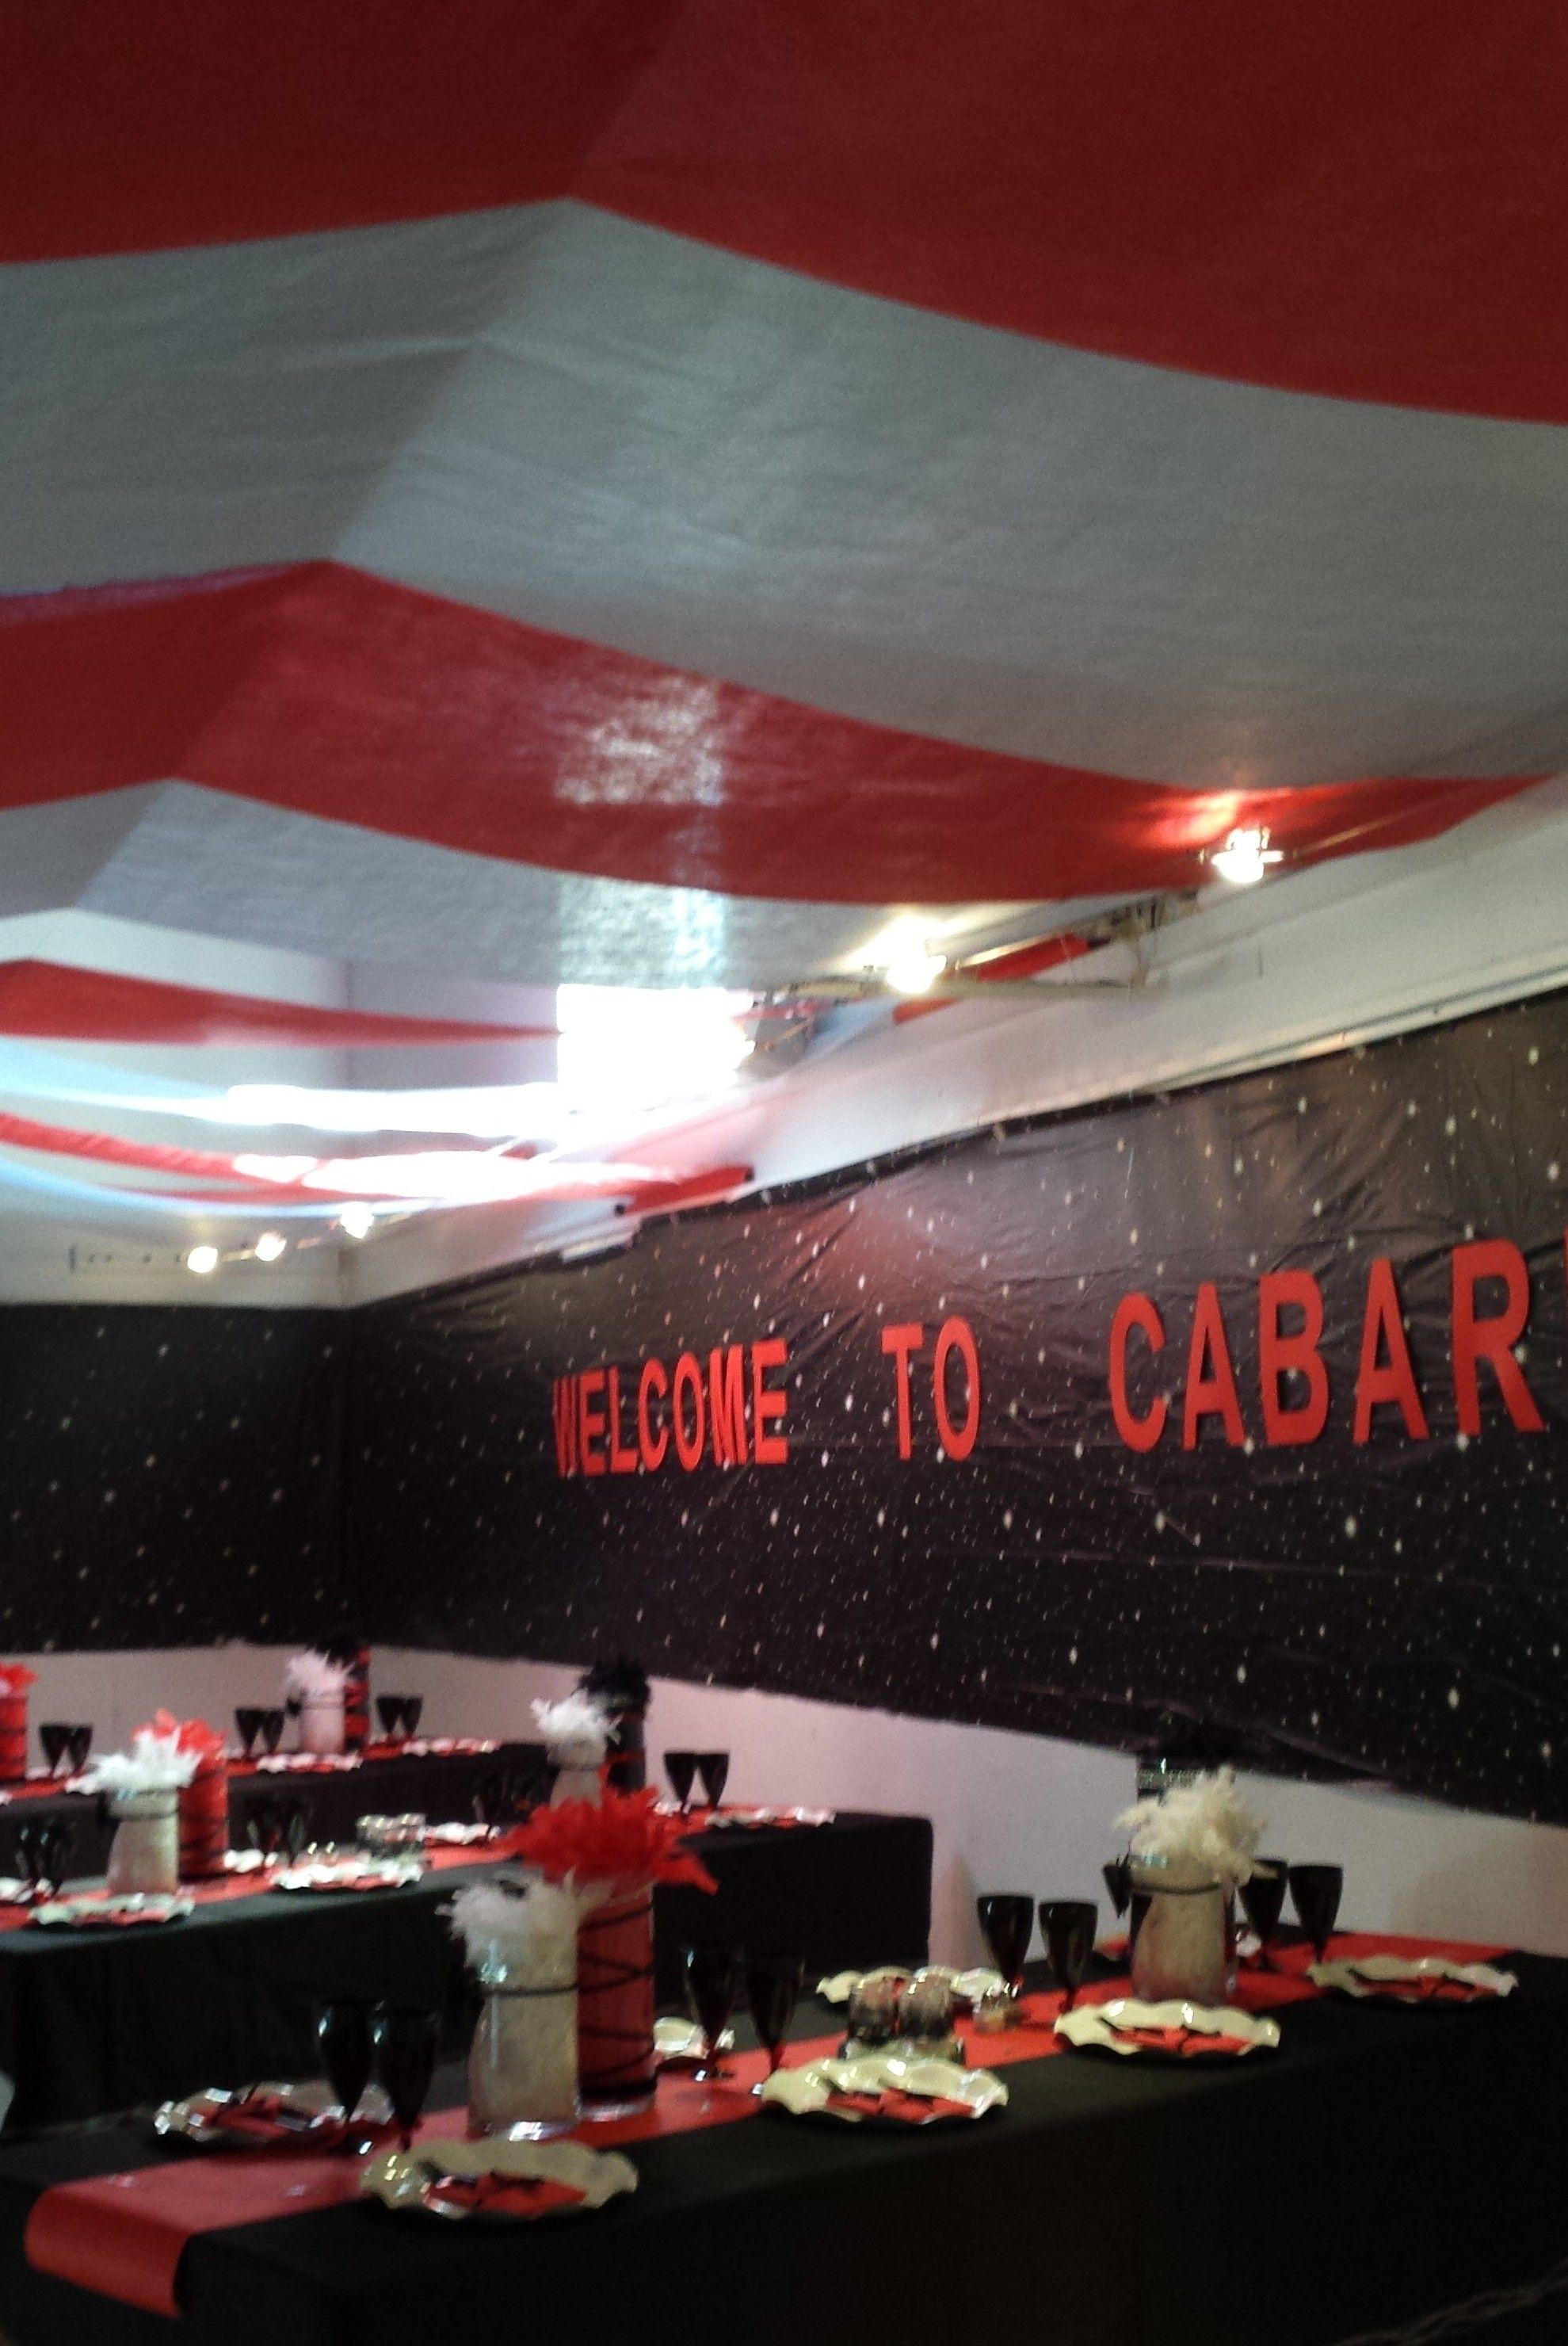 Décoration de tables et de la salle   Anniversaire thème Cabaret